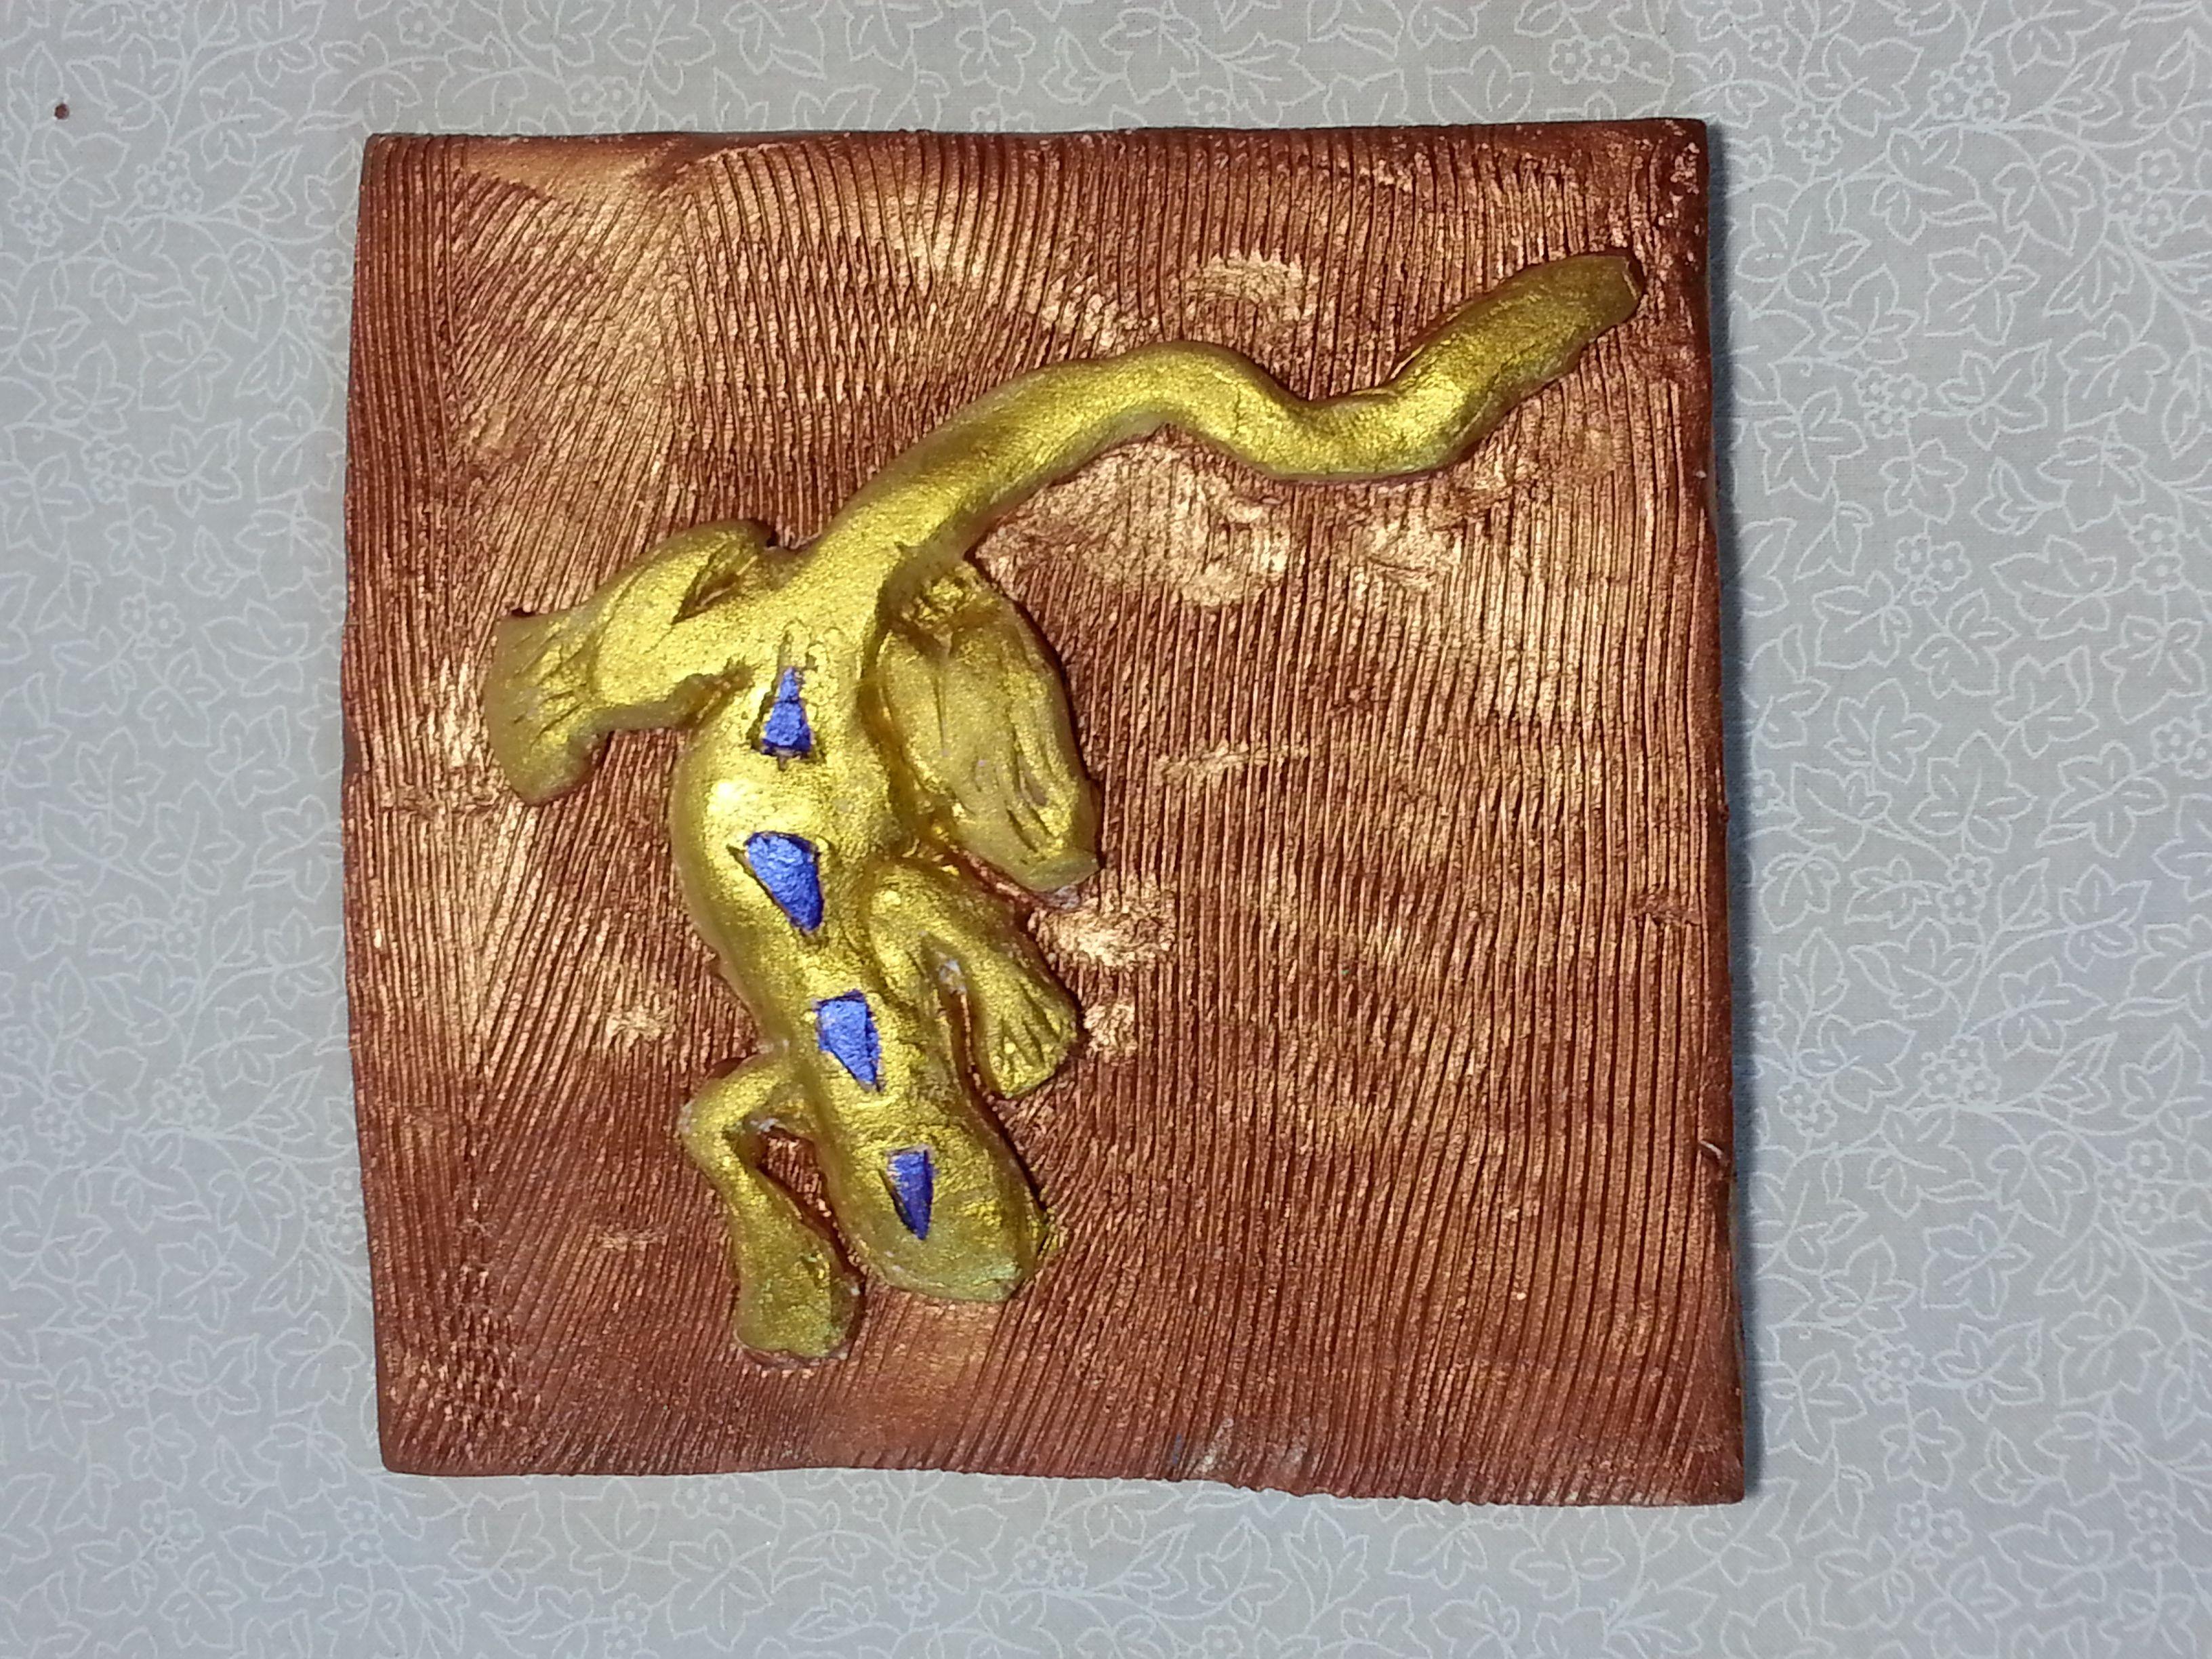 Samuel turner gold lizard tile mixed media ceramic and acrylics samuel turner gold lizard tile mixed media ceramic and acrylics dailygadgetfo Images